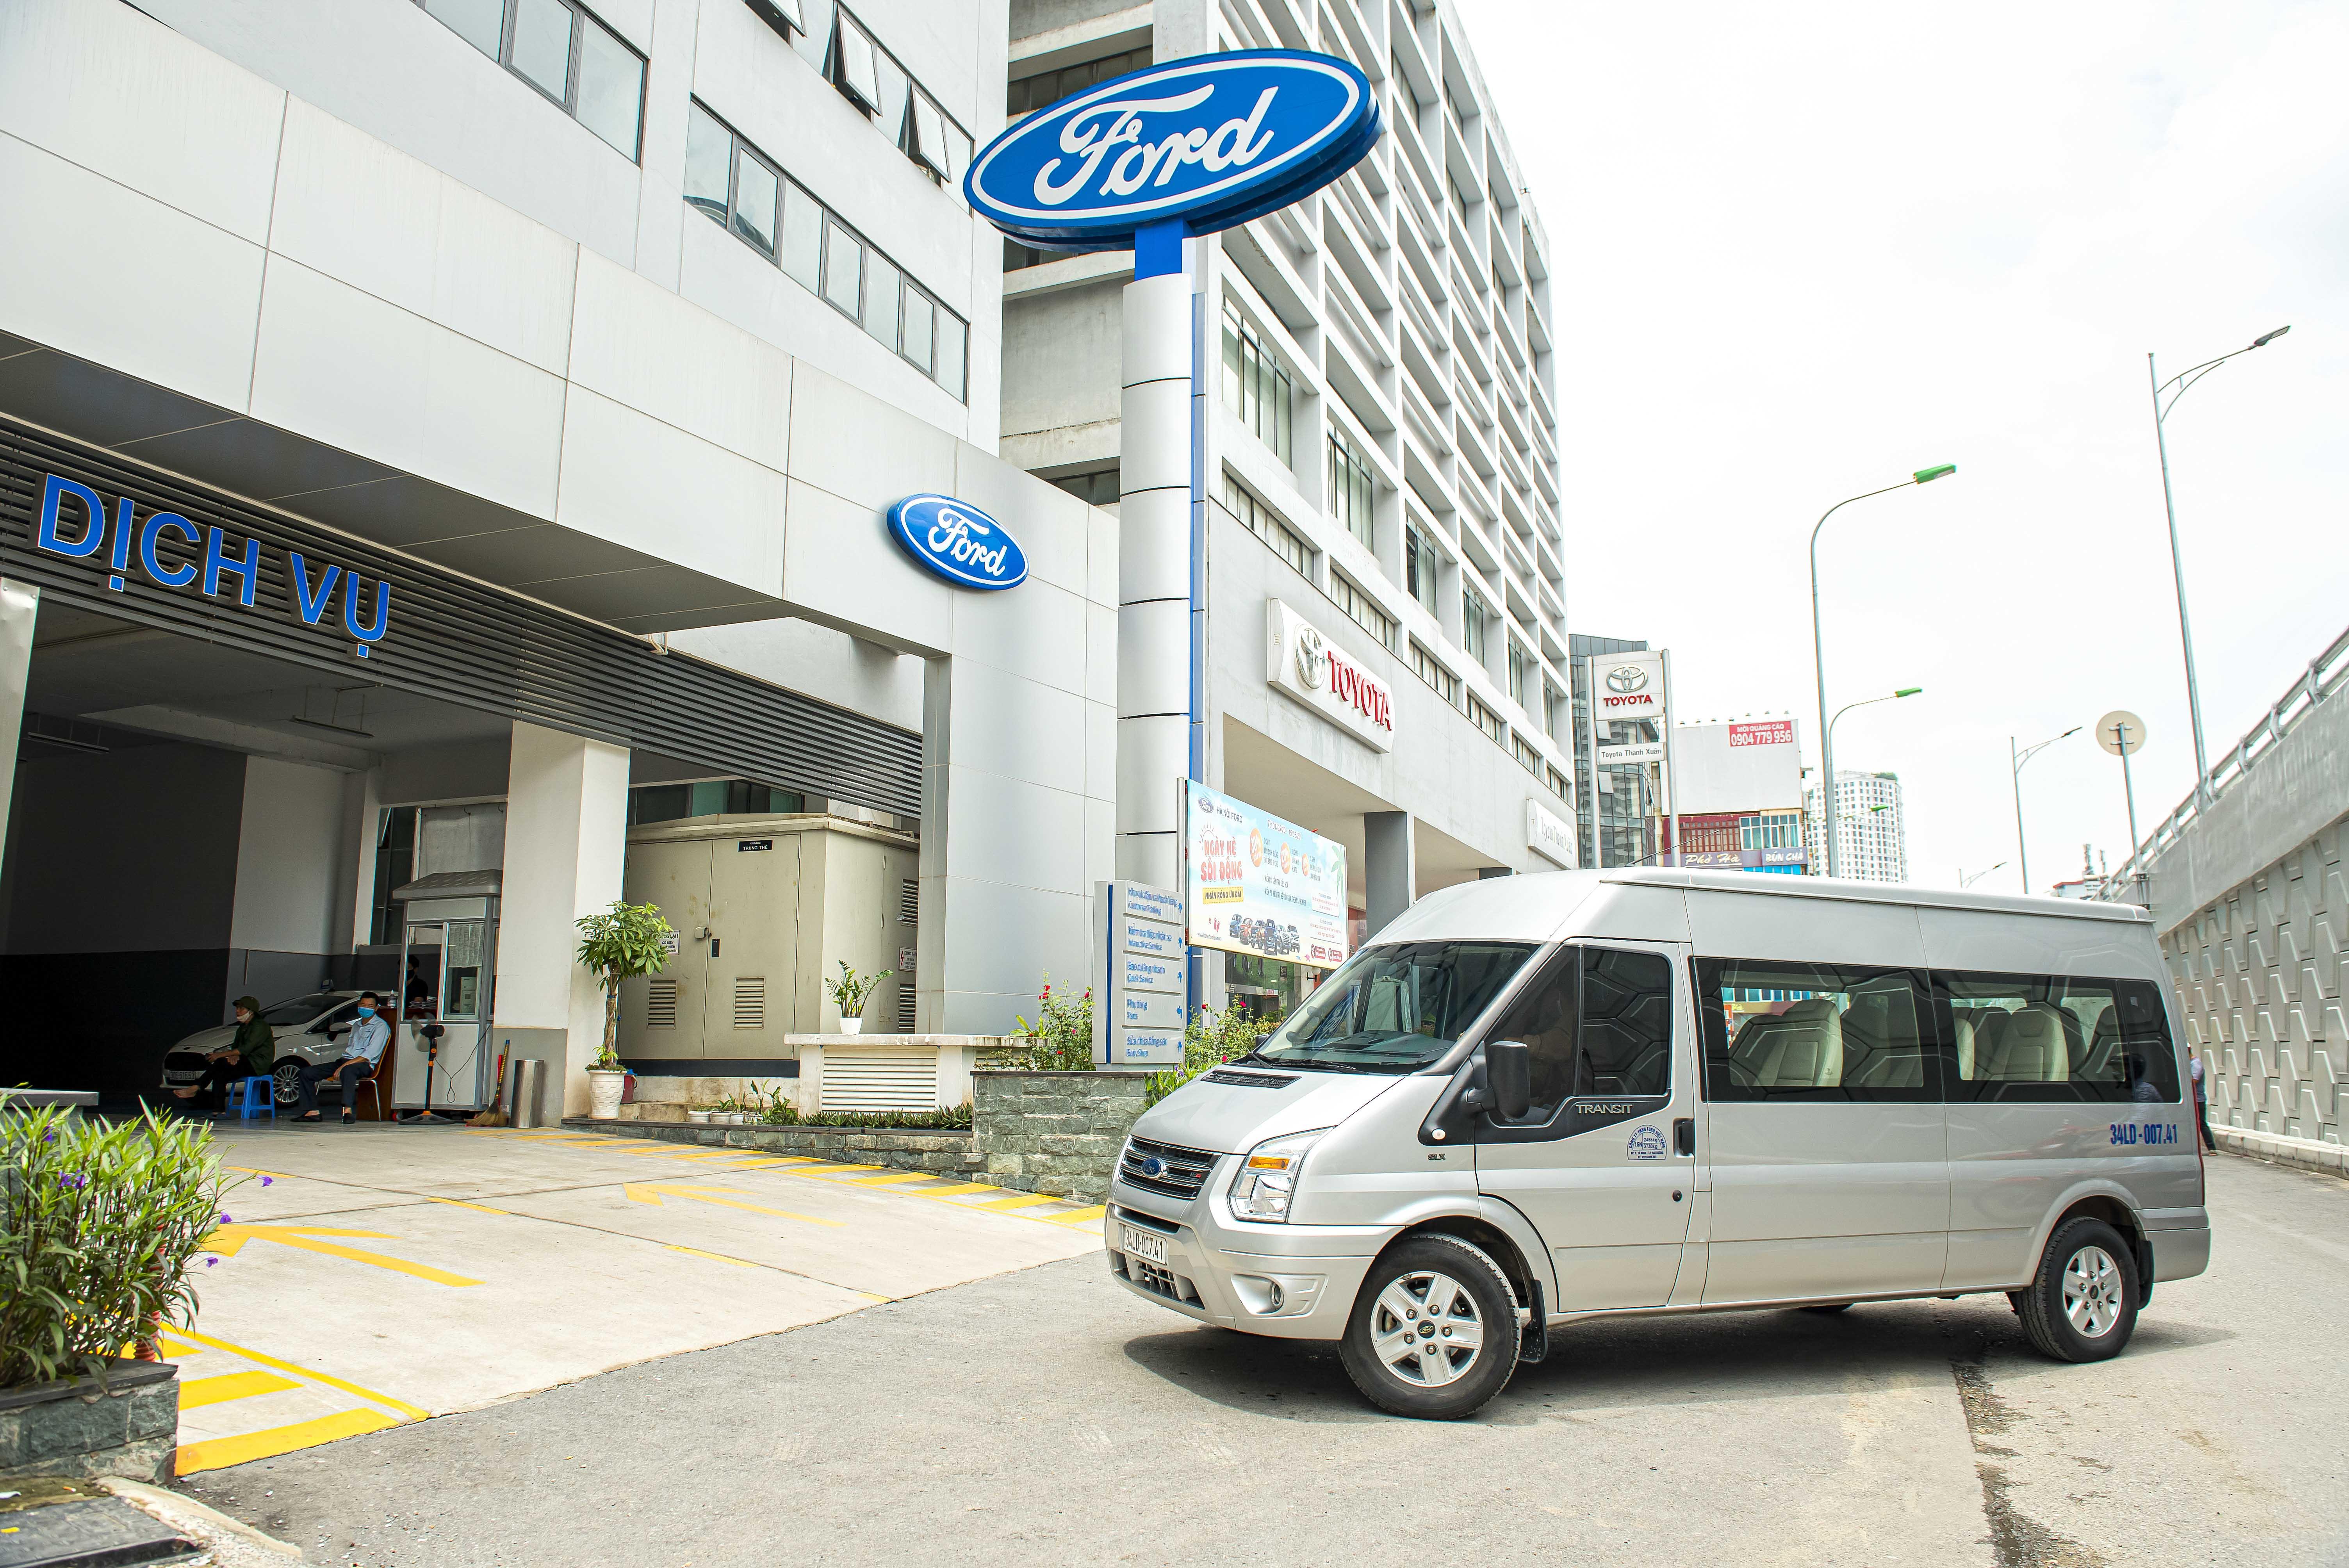 Dòng xe thương mại Ford Transit vừa được mở rộng chế độ bảo hành lên 200.000km hoặc 3 năm tùy điều kiện nào đến trước, chương trình được áp dụng cho tất cả các xe Ford Transit bán ra từ ngày 01/04/2021.